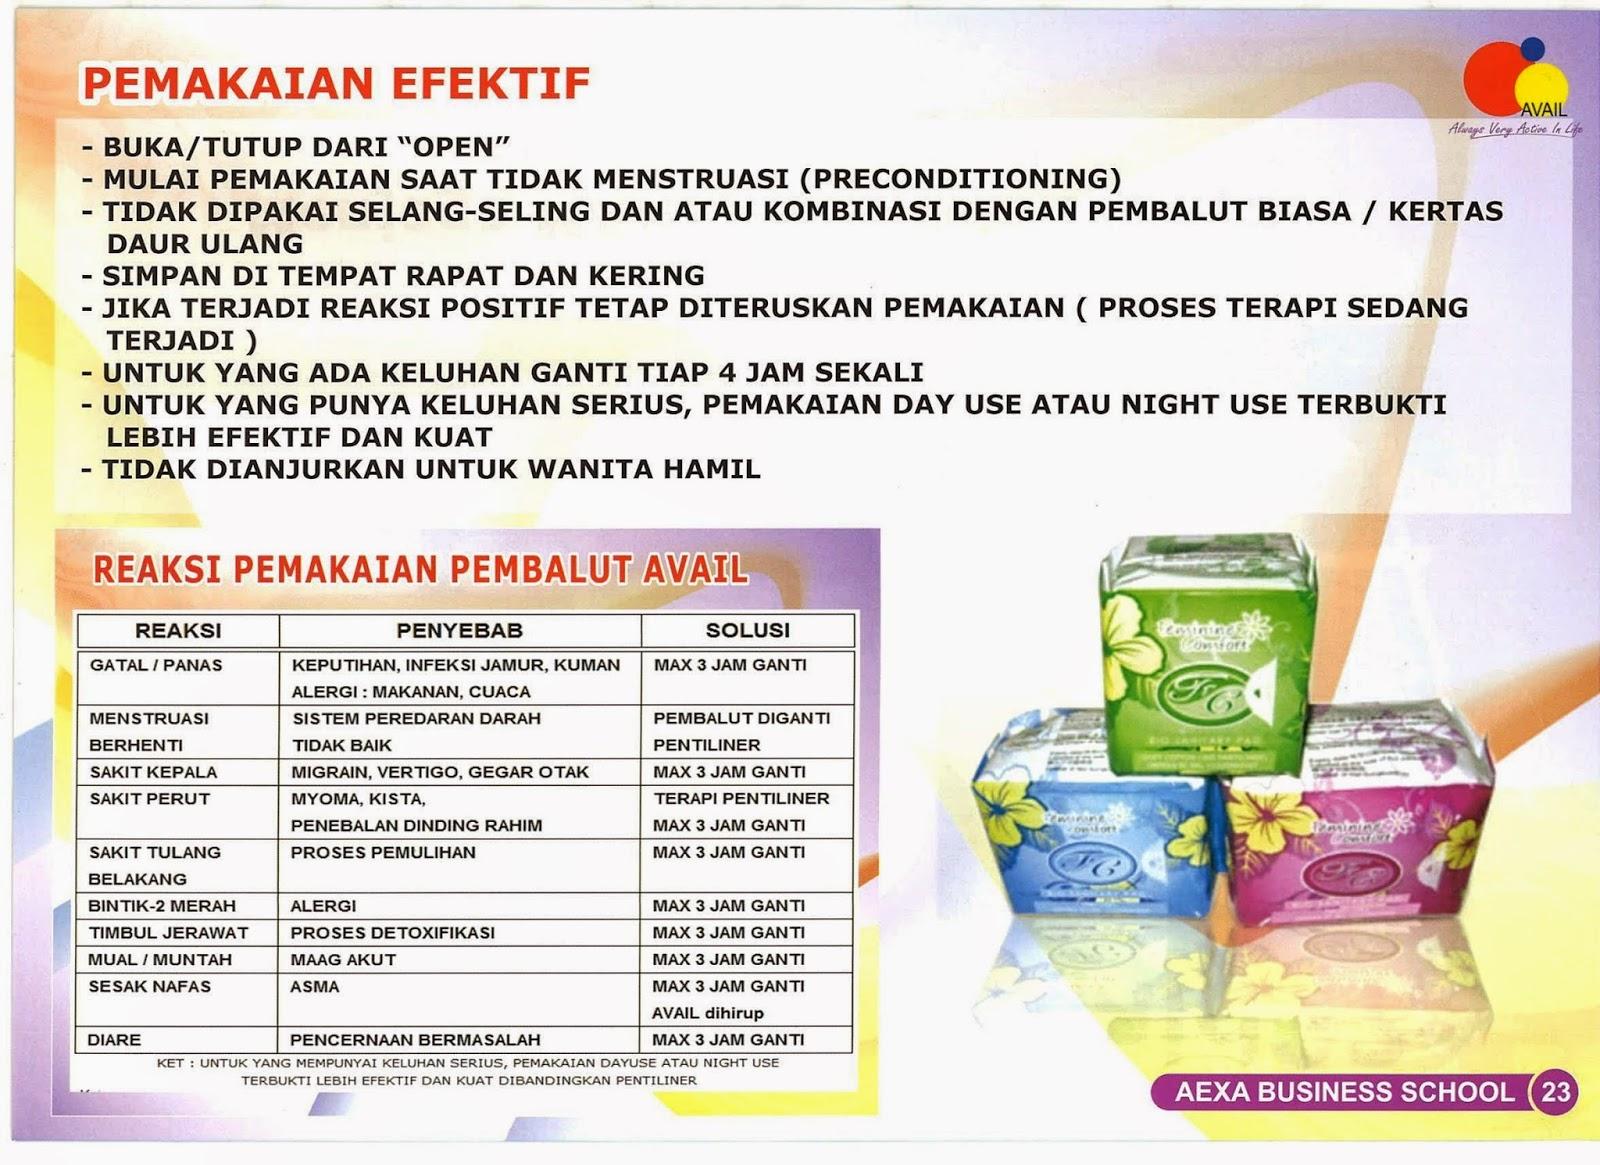 Avail Bali Pembalut Fc Bio Sanitary Pad Pantyliner Eceran Testimoni Pengguna